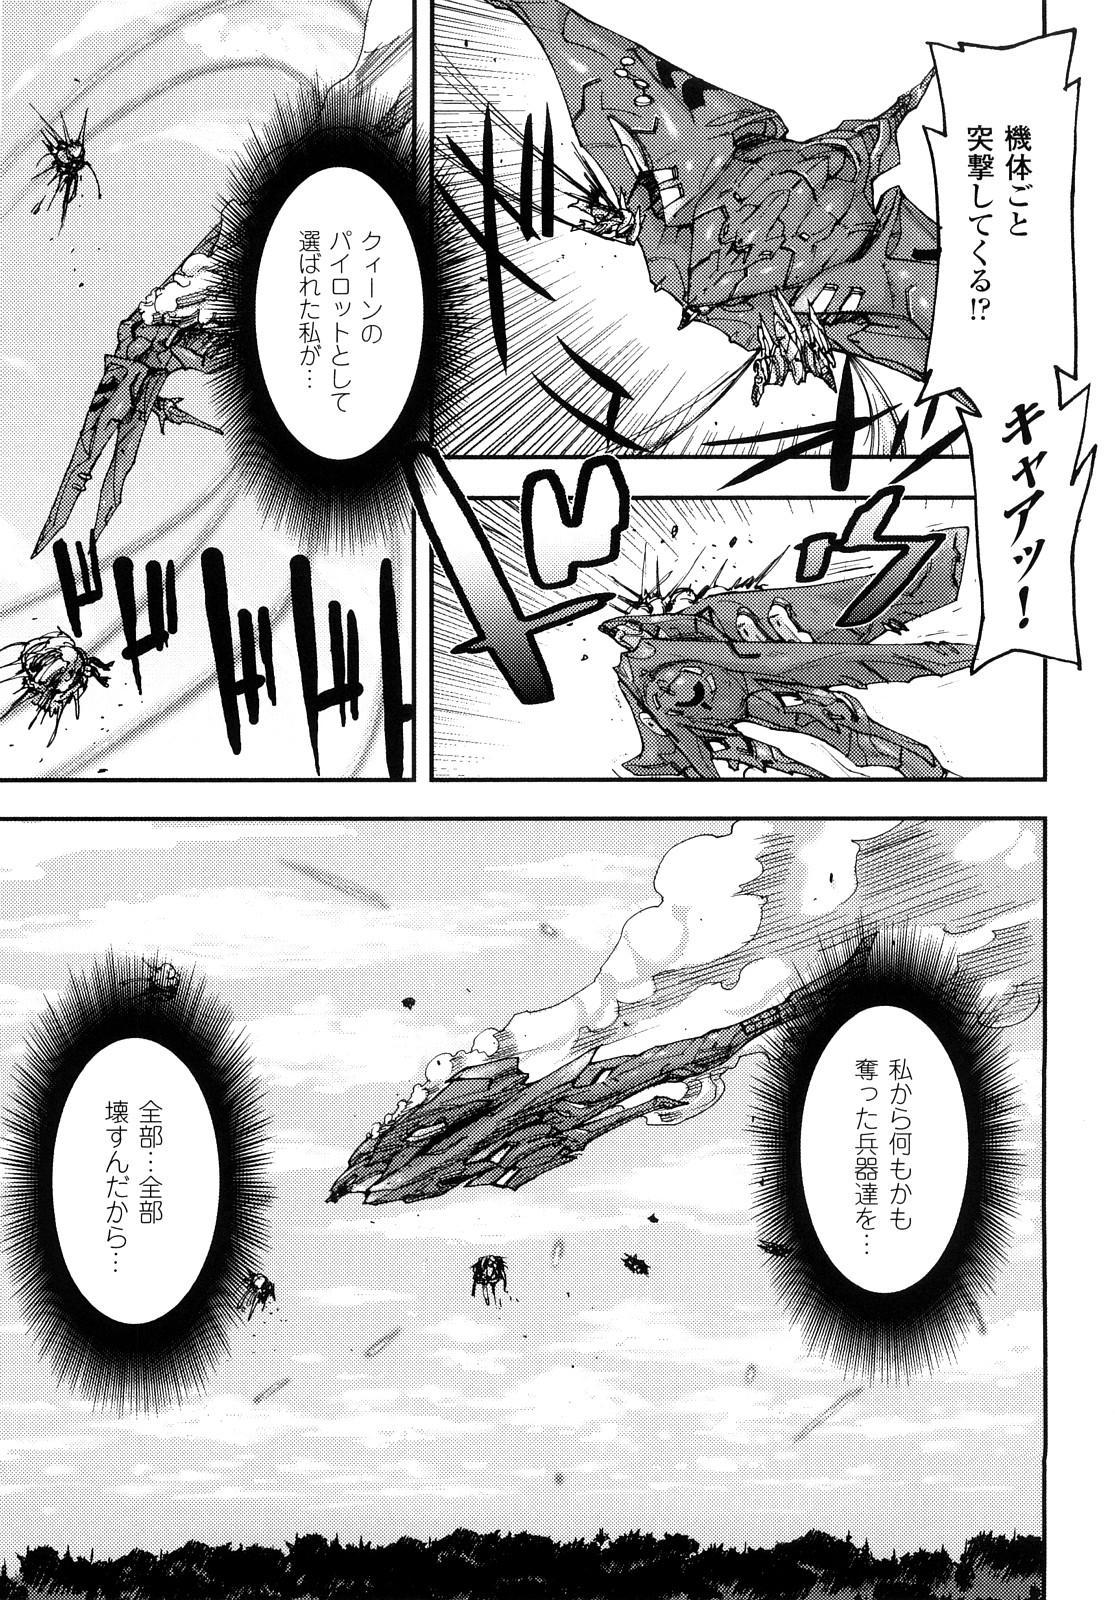 Cerberum no Hitsugi Haitoku no Hanmegami - The Coffin of Cerebrum Immoral Demivenus 163